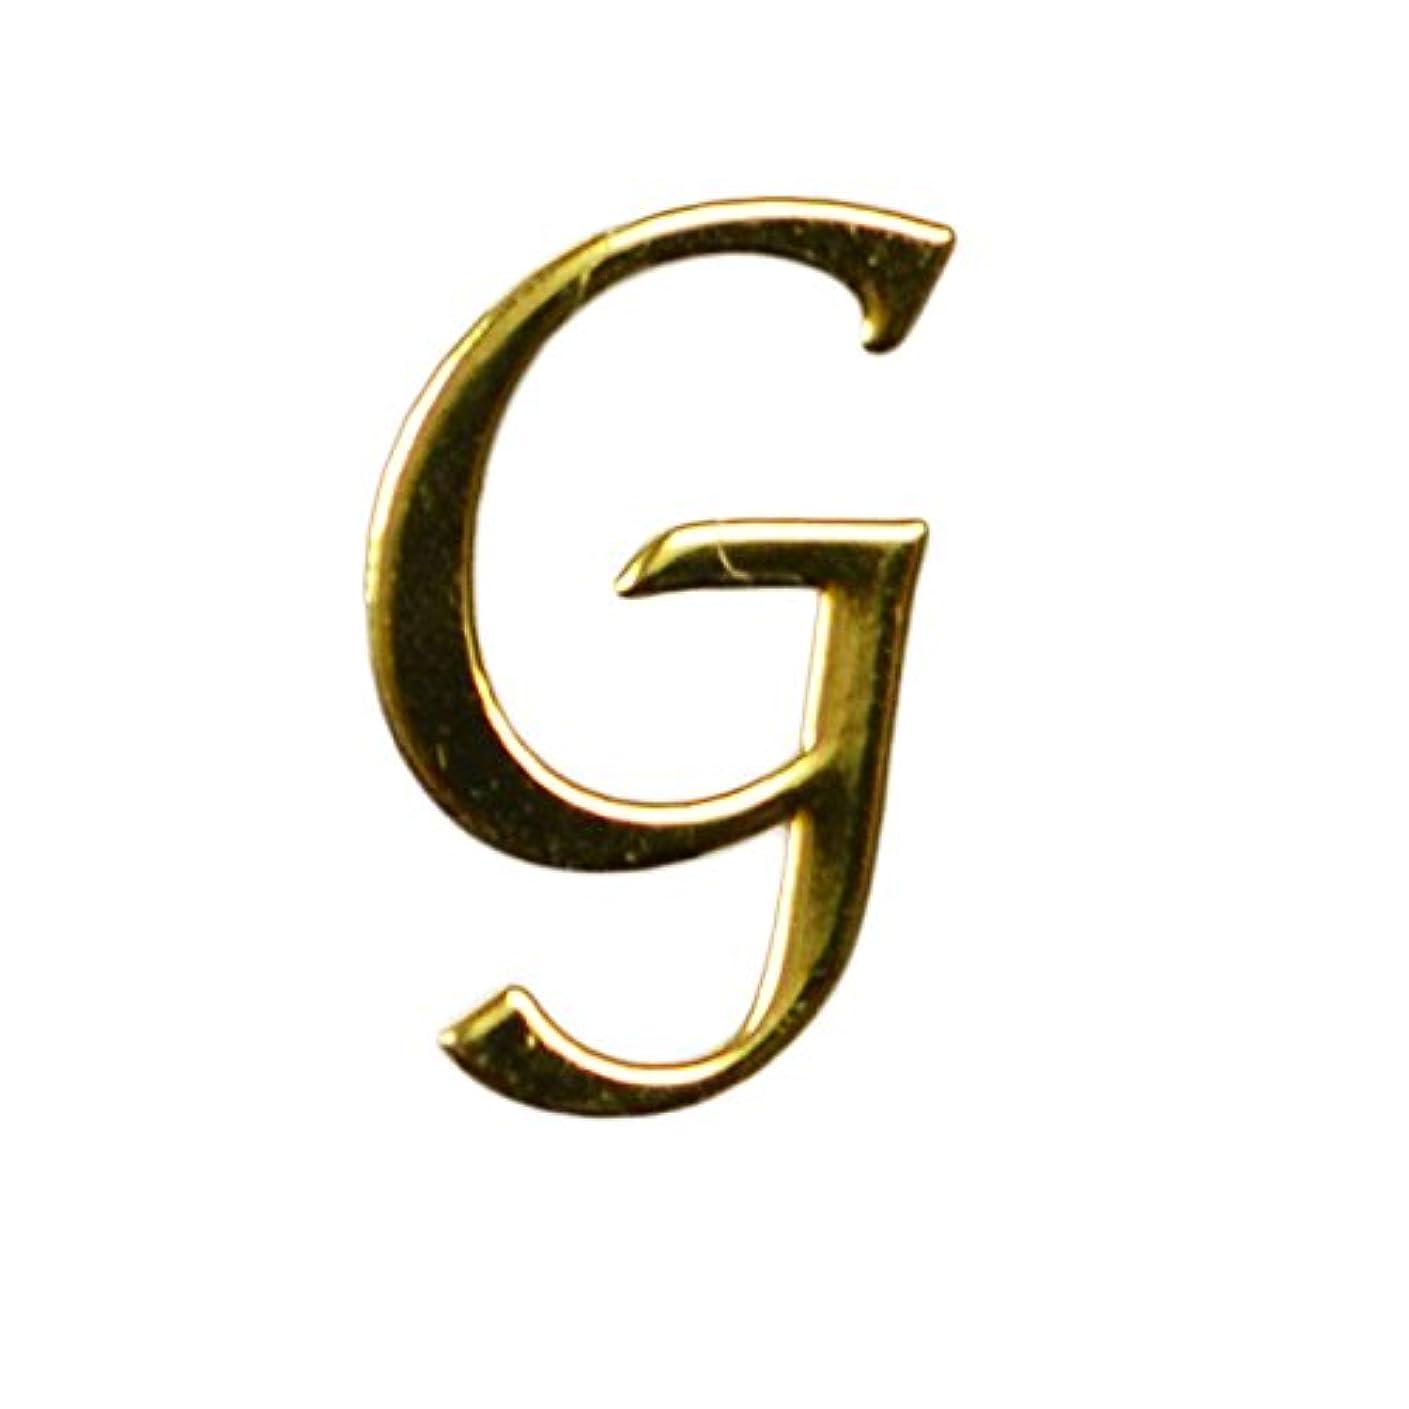 アミューズきらめき外交G/ゴールド?人気の書体のアルファベットイニシャルパーツ!4mm×7mm10枚